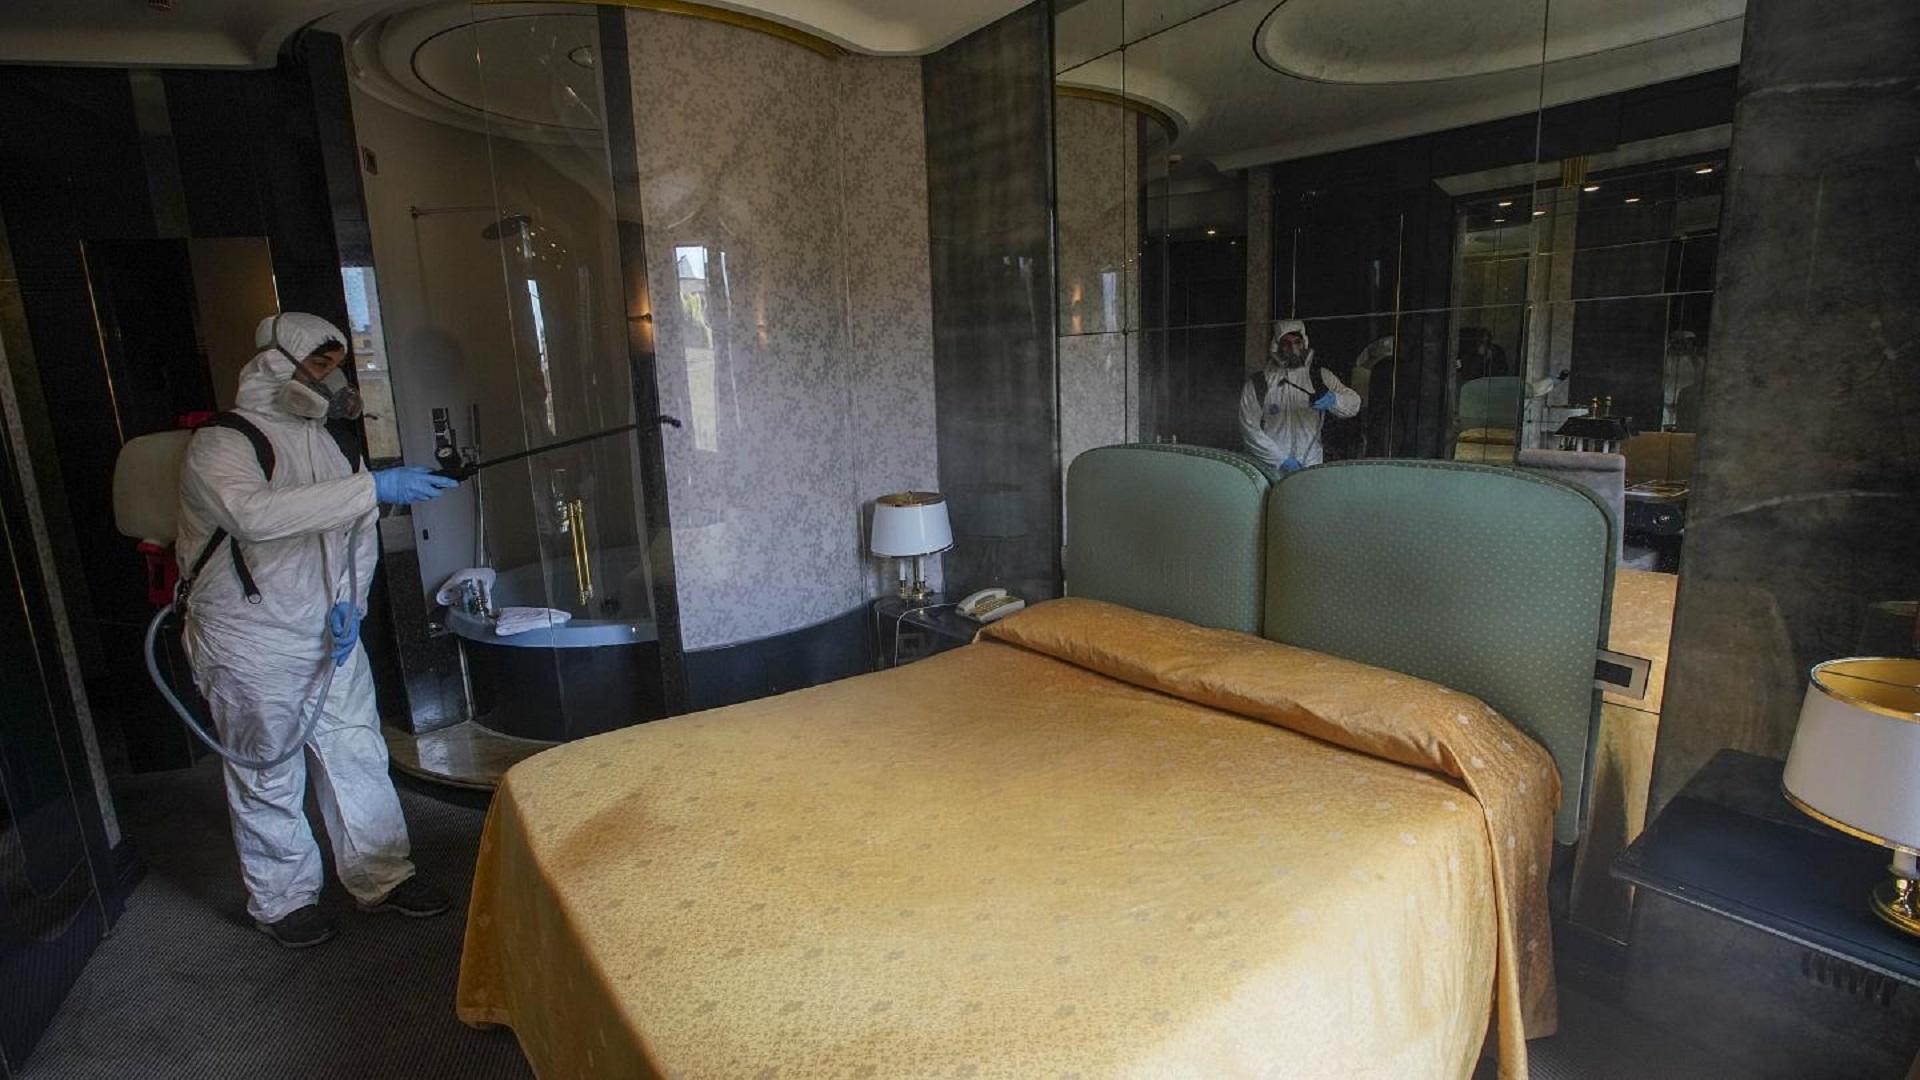 Δημιουργούνται δωμάτια καραντίνας σε κάθε ξενοδοχειακή μονάδα